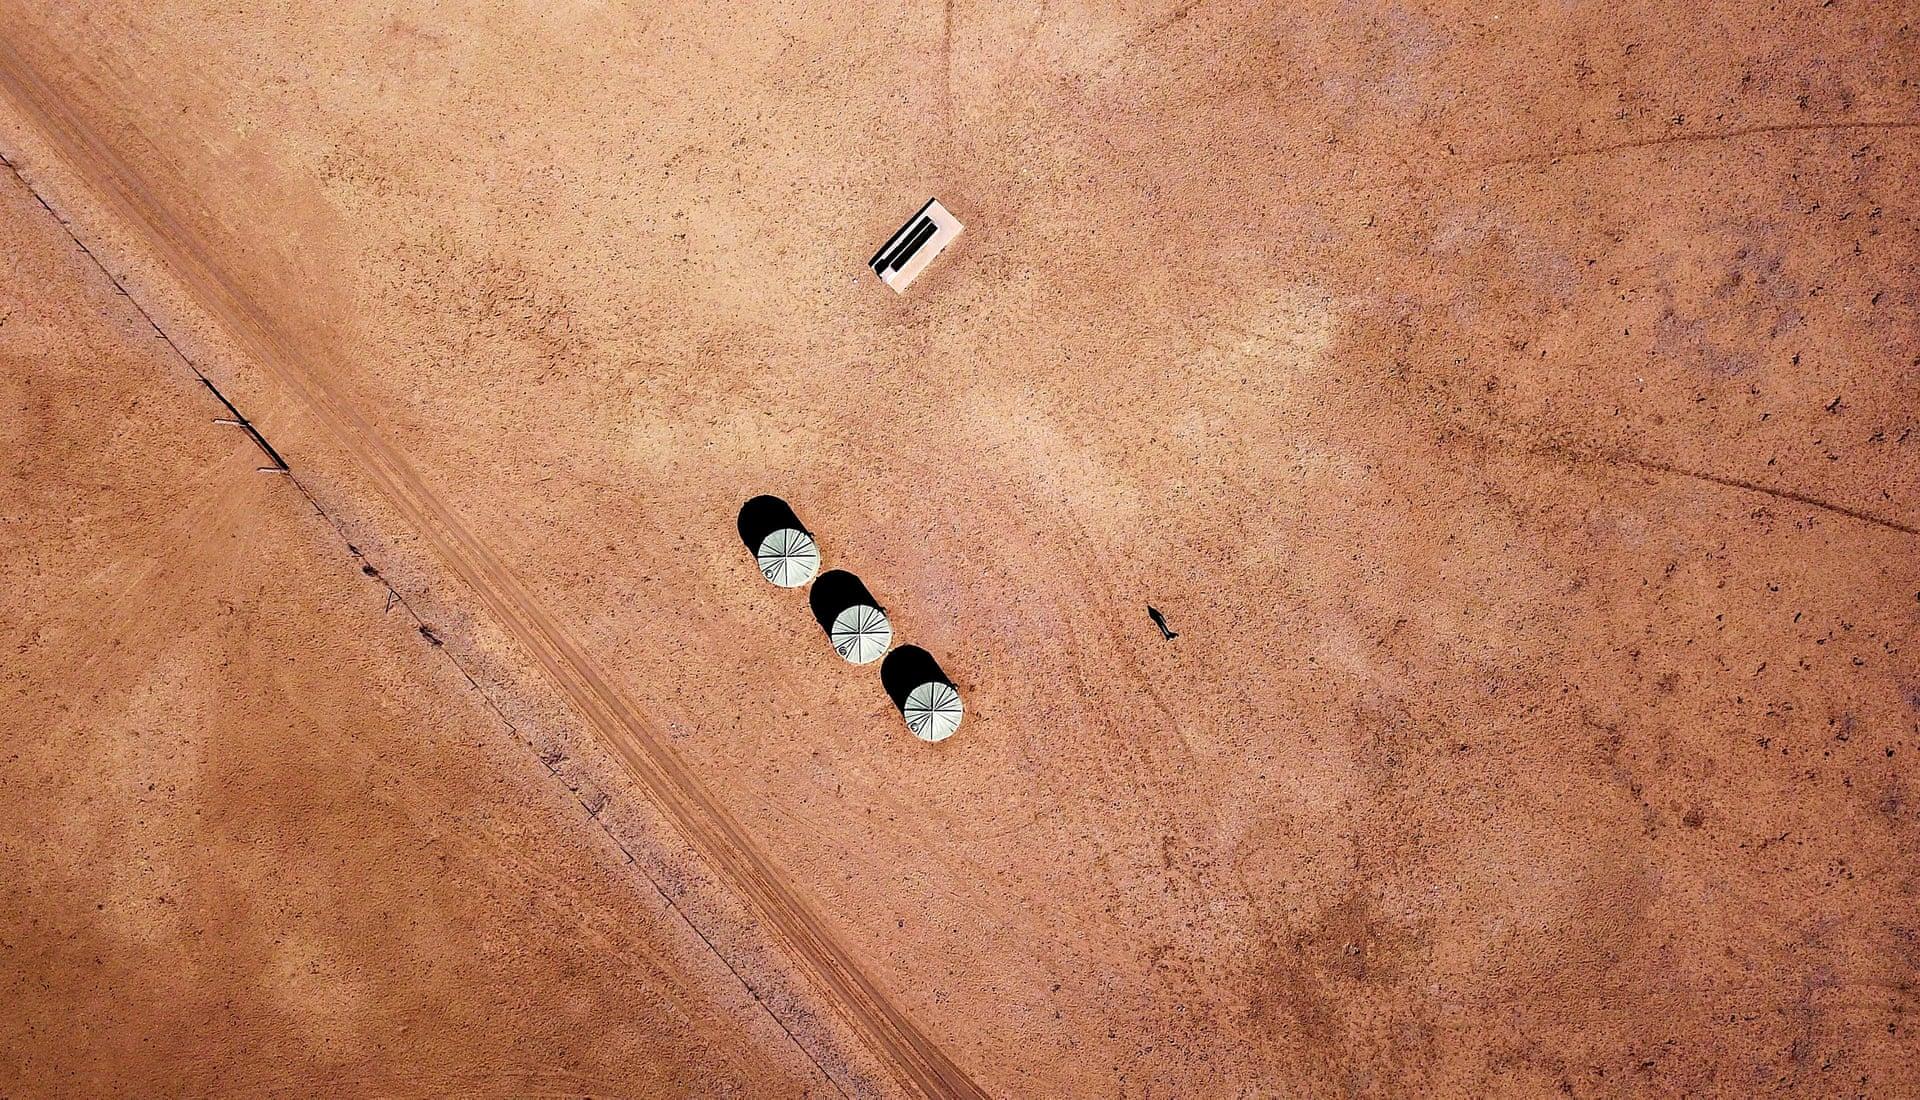 Фото дня: засуха в Австралии с высоты птичьего полета Фото дня: засуха в Австралии с высоты птичьего полета 3500 20 5